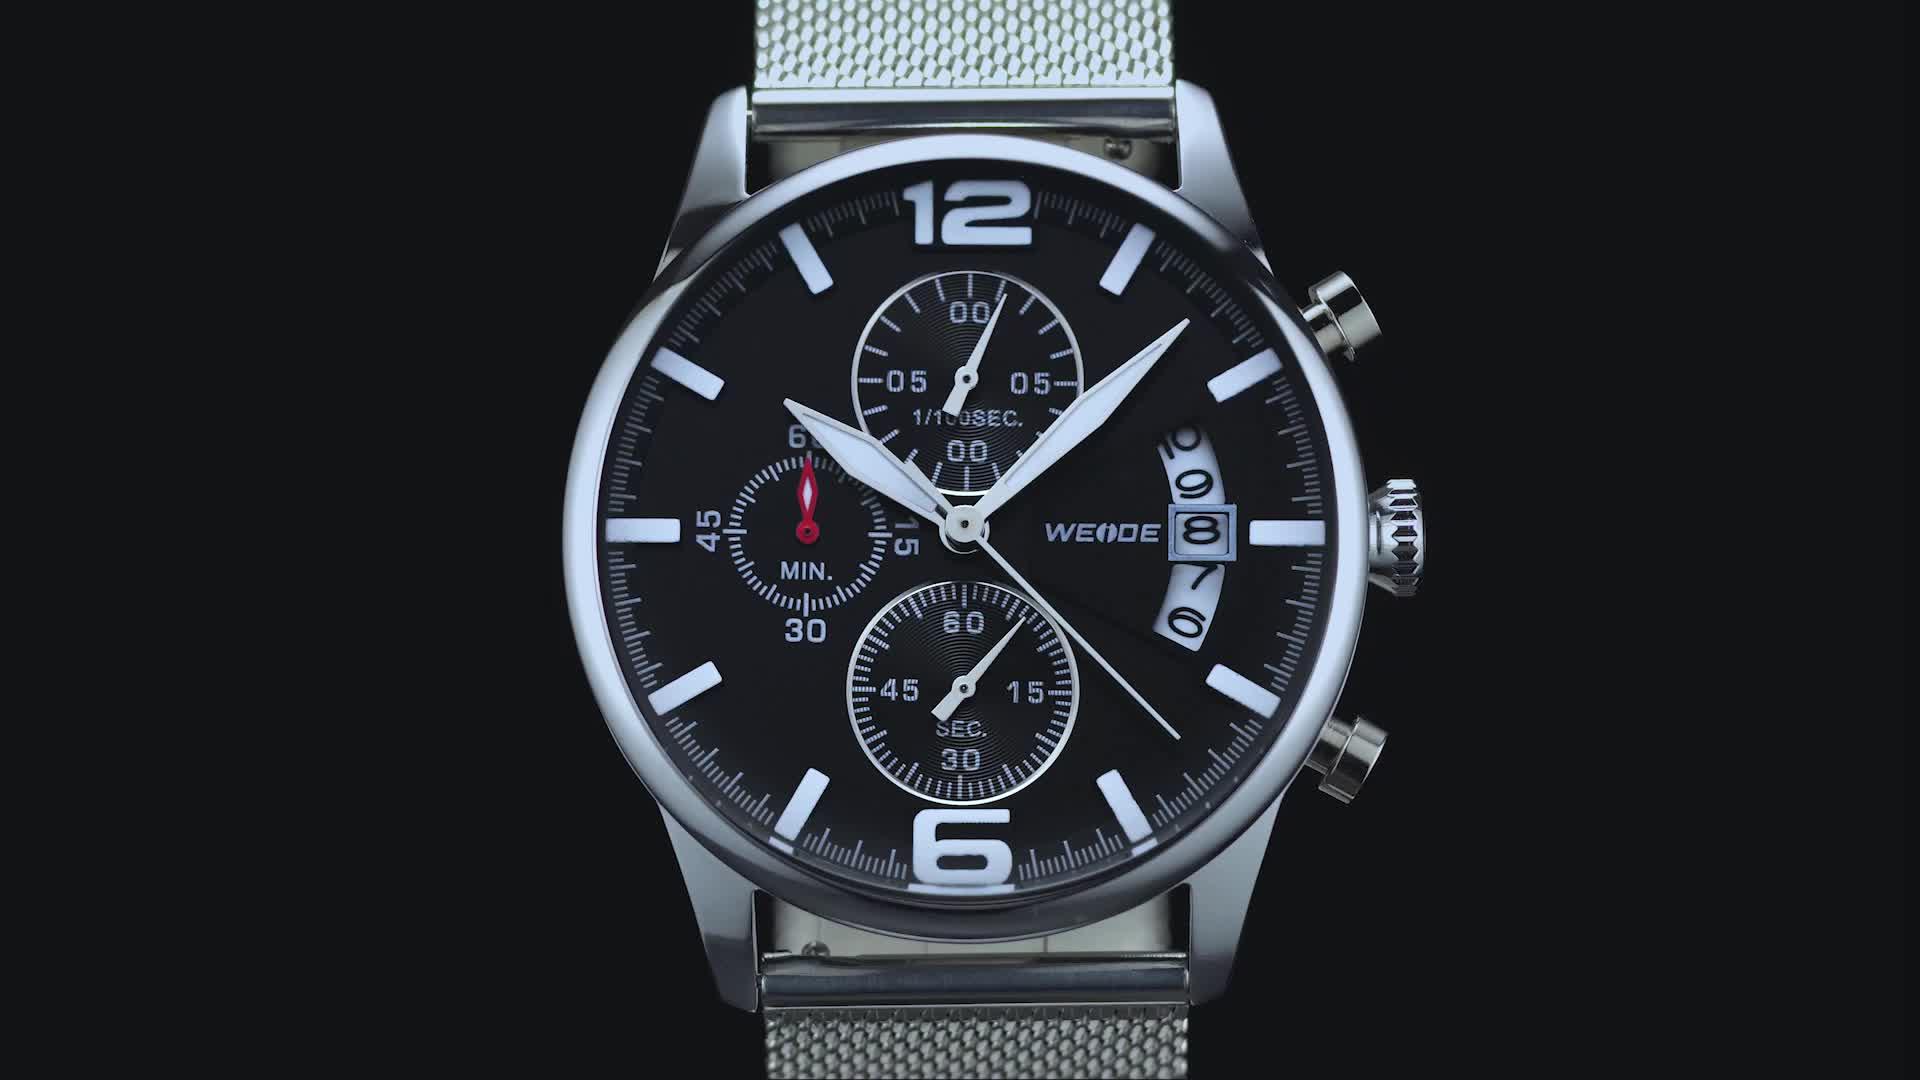 Weide WD011 تصميم الازياء الساعات الفاخرة العلامة التجارية للرجال كوارتز ساعة كرونوغراف الذكور Relogio Masculino